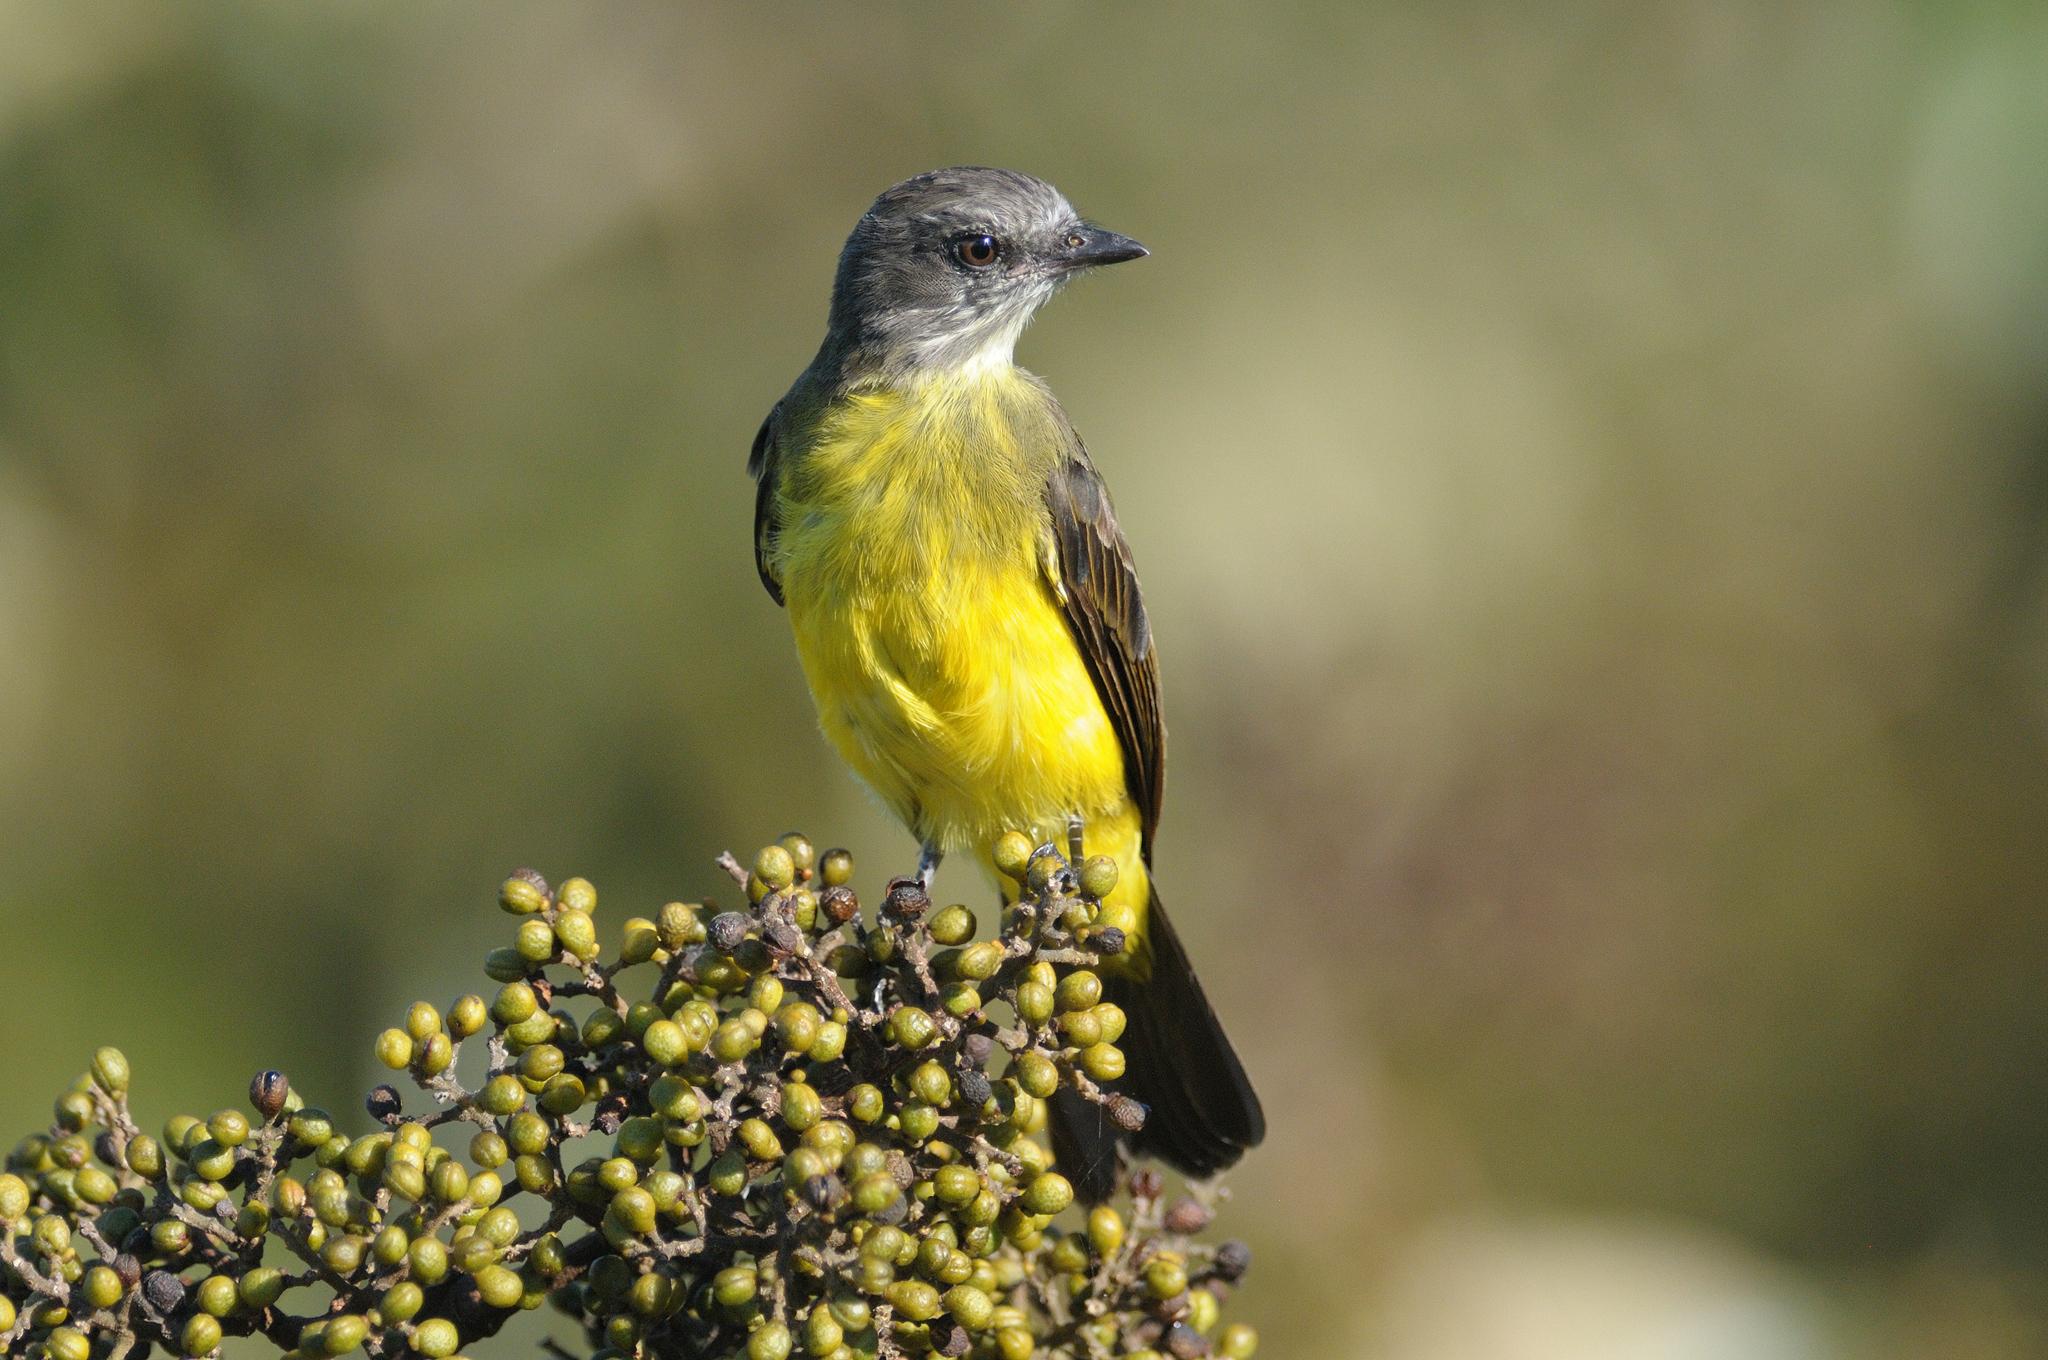 Dusky-chested Flycatcher - Cristalino -